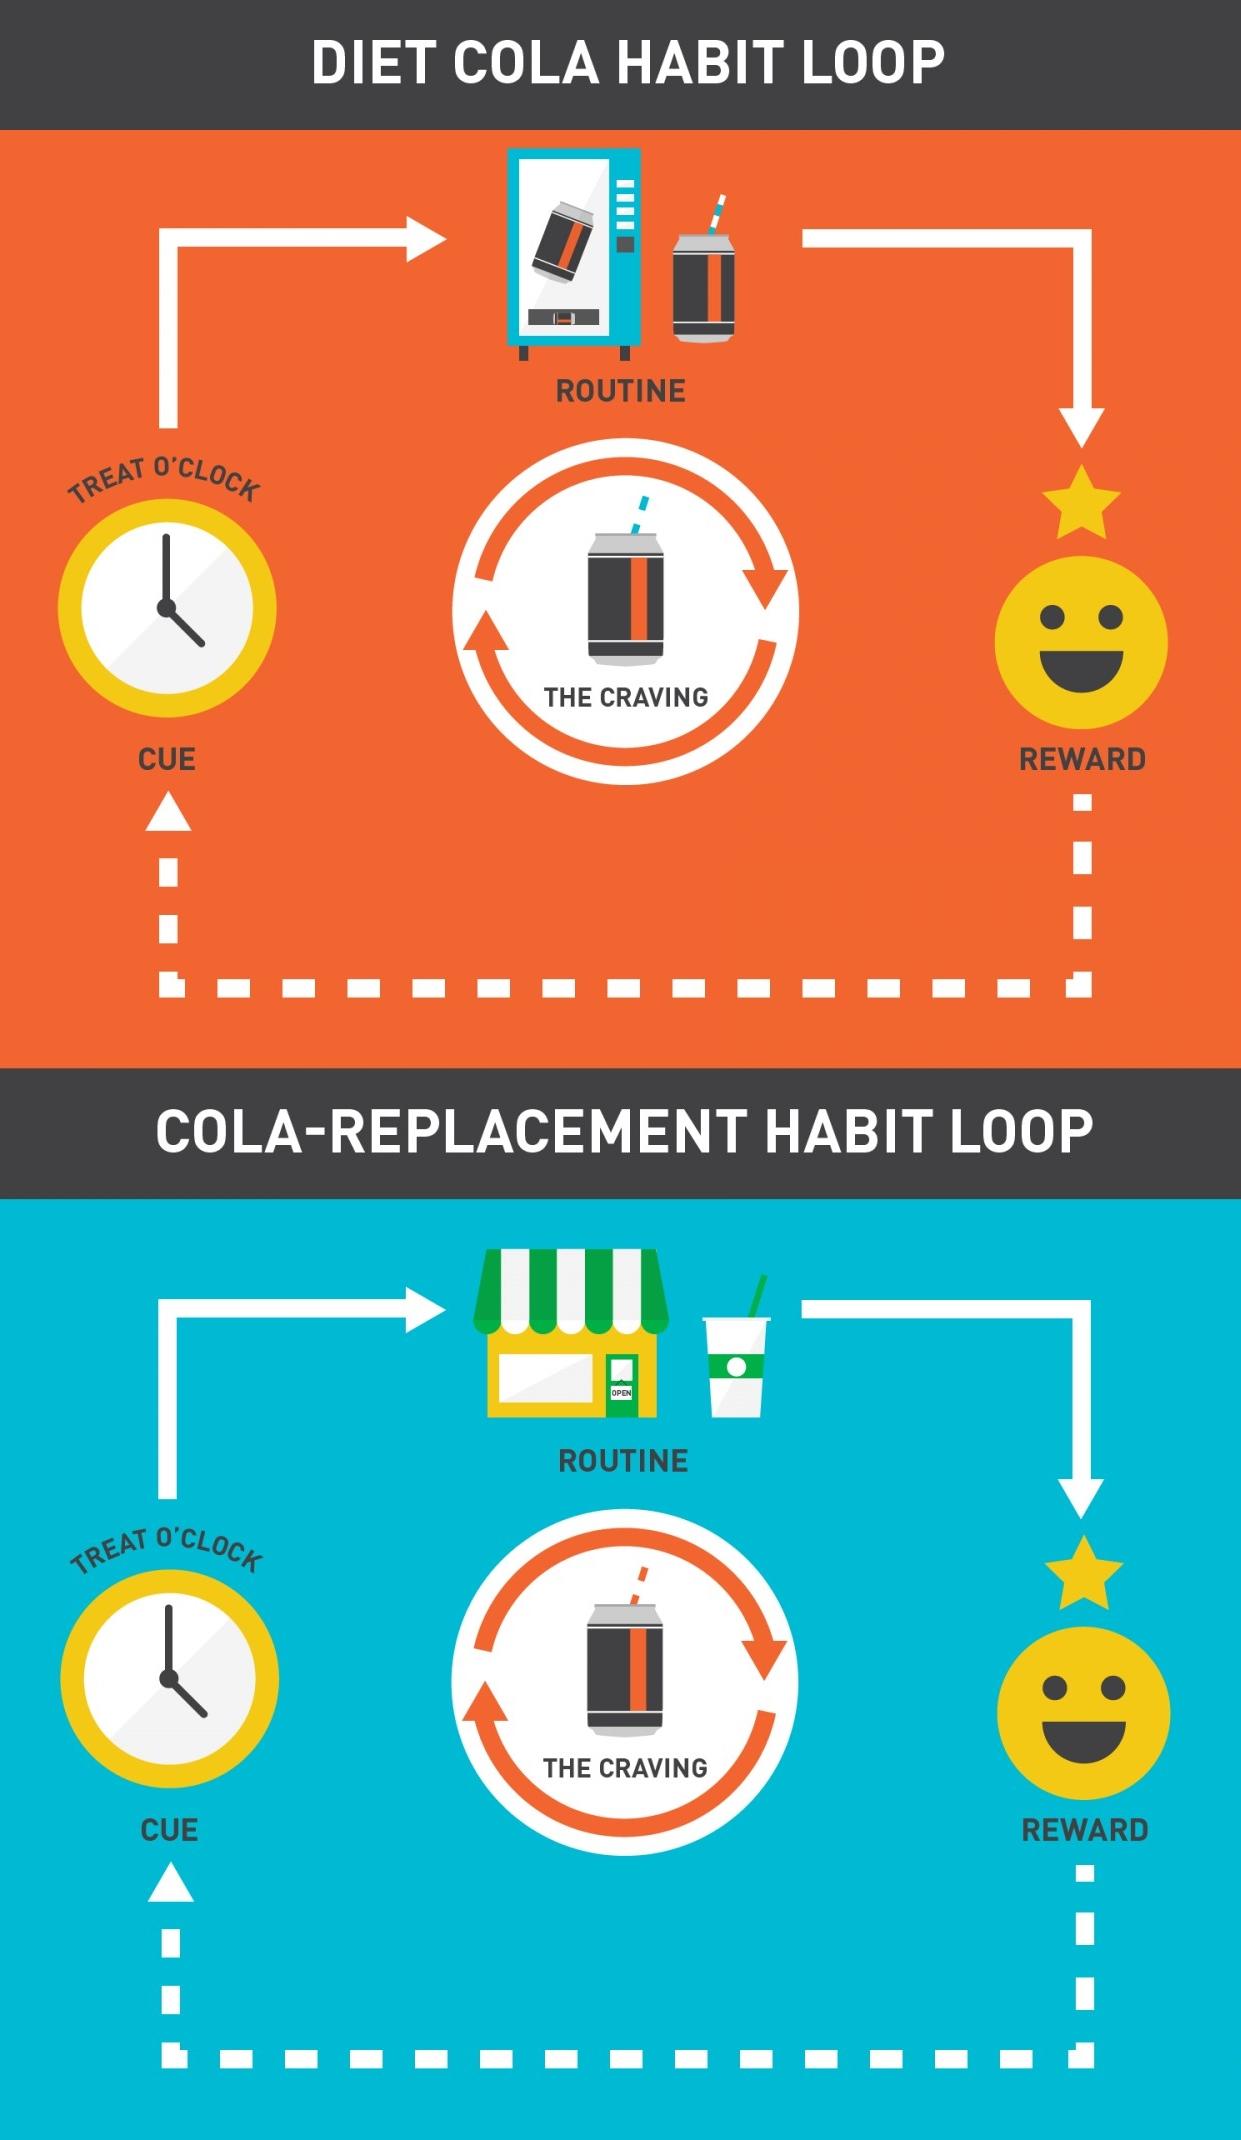 More on the habit loop